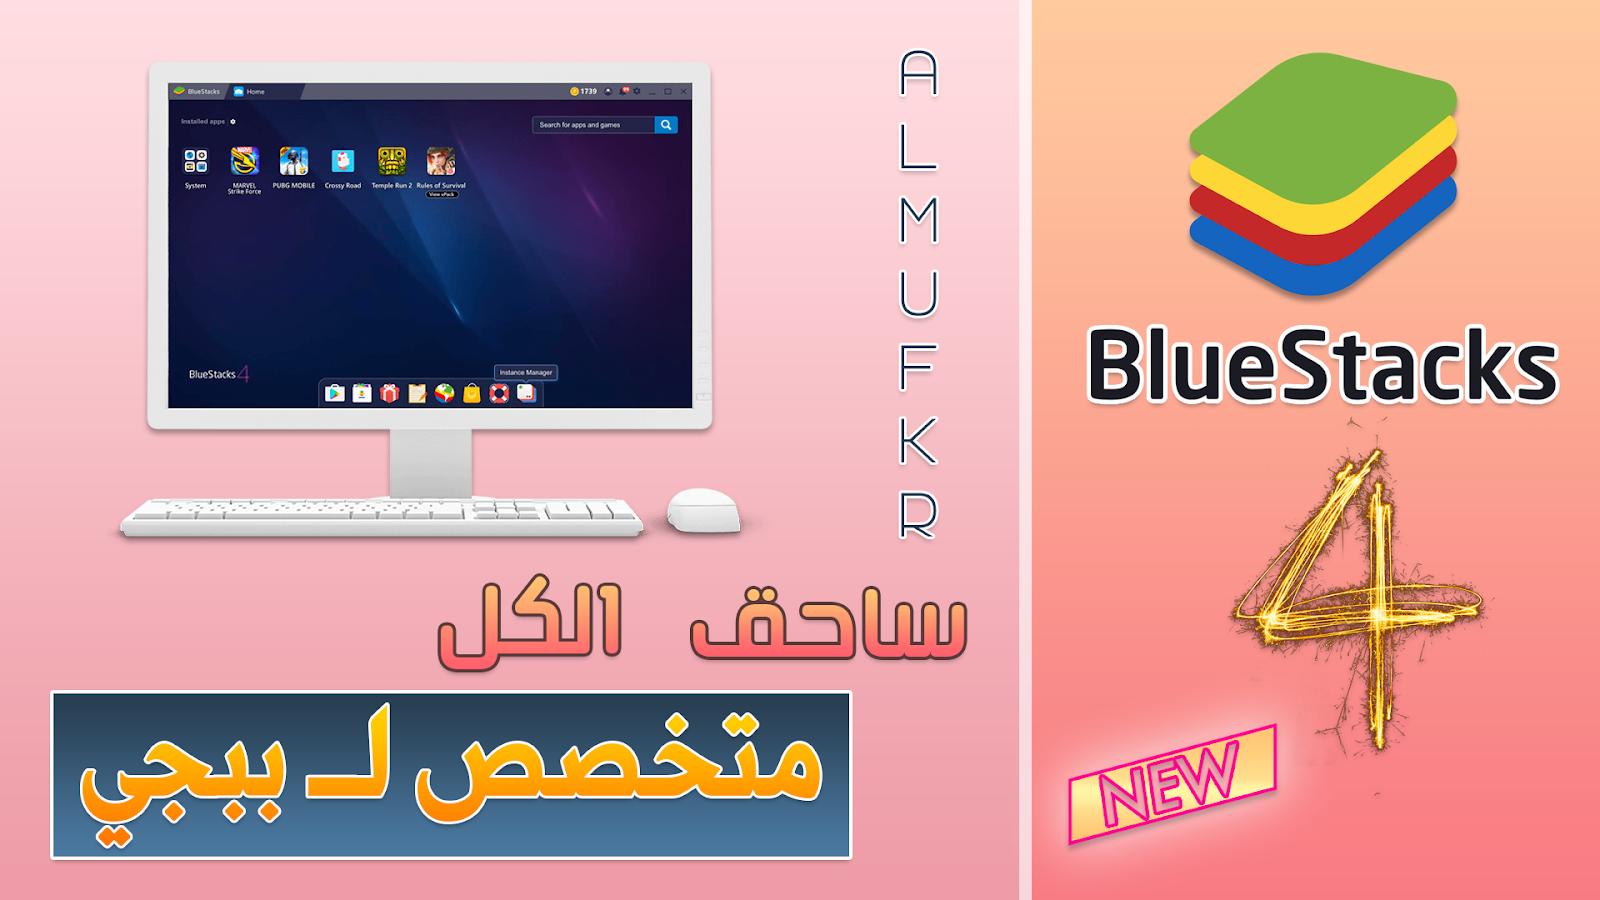 بلو ستاكس 4 - ألعاب الأندرويد على الكمبيوتر - BlueStacks